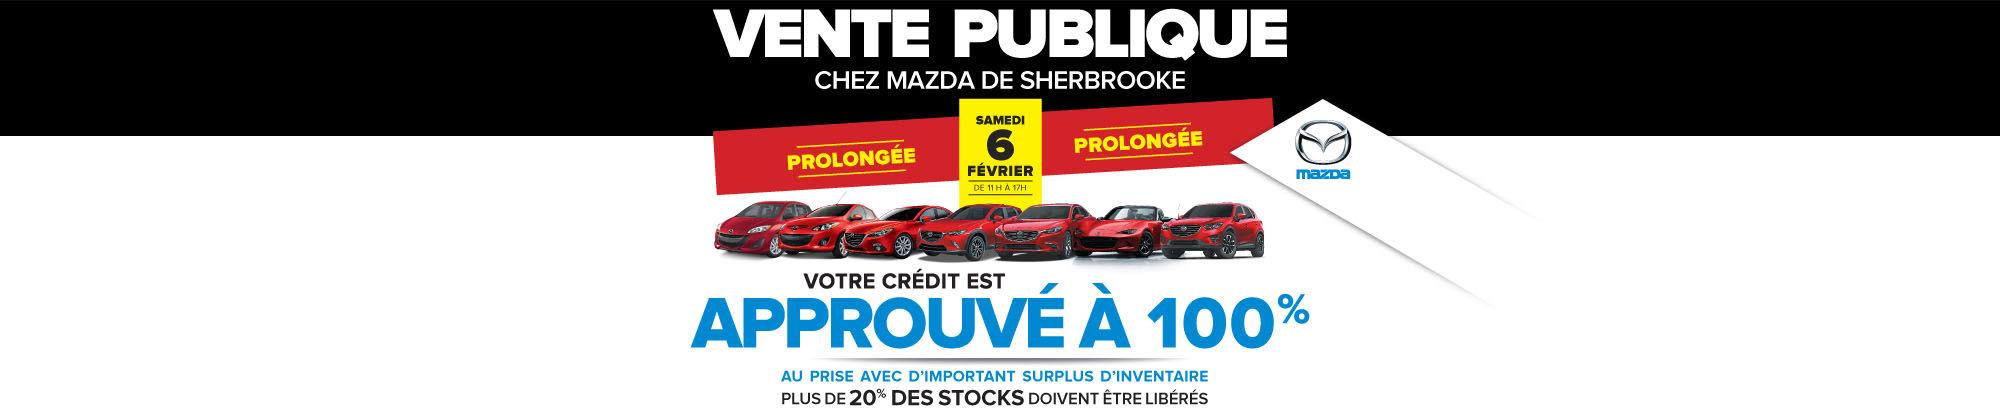 Vente publique chez Mazda Sherbrooke  prolongée